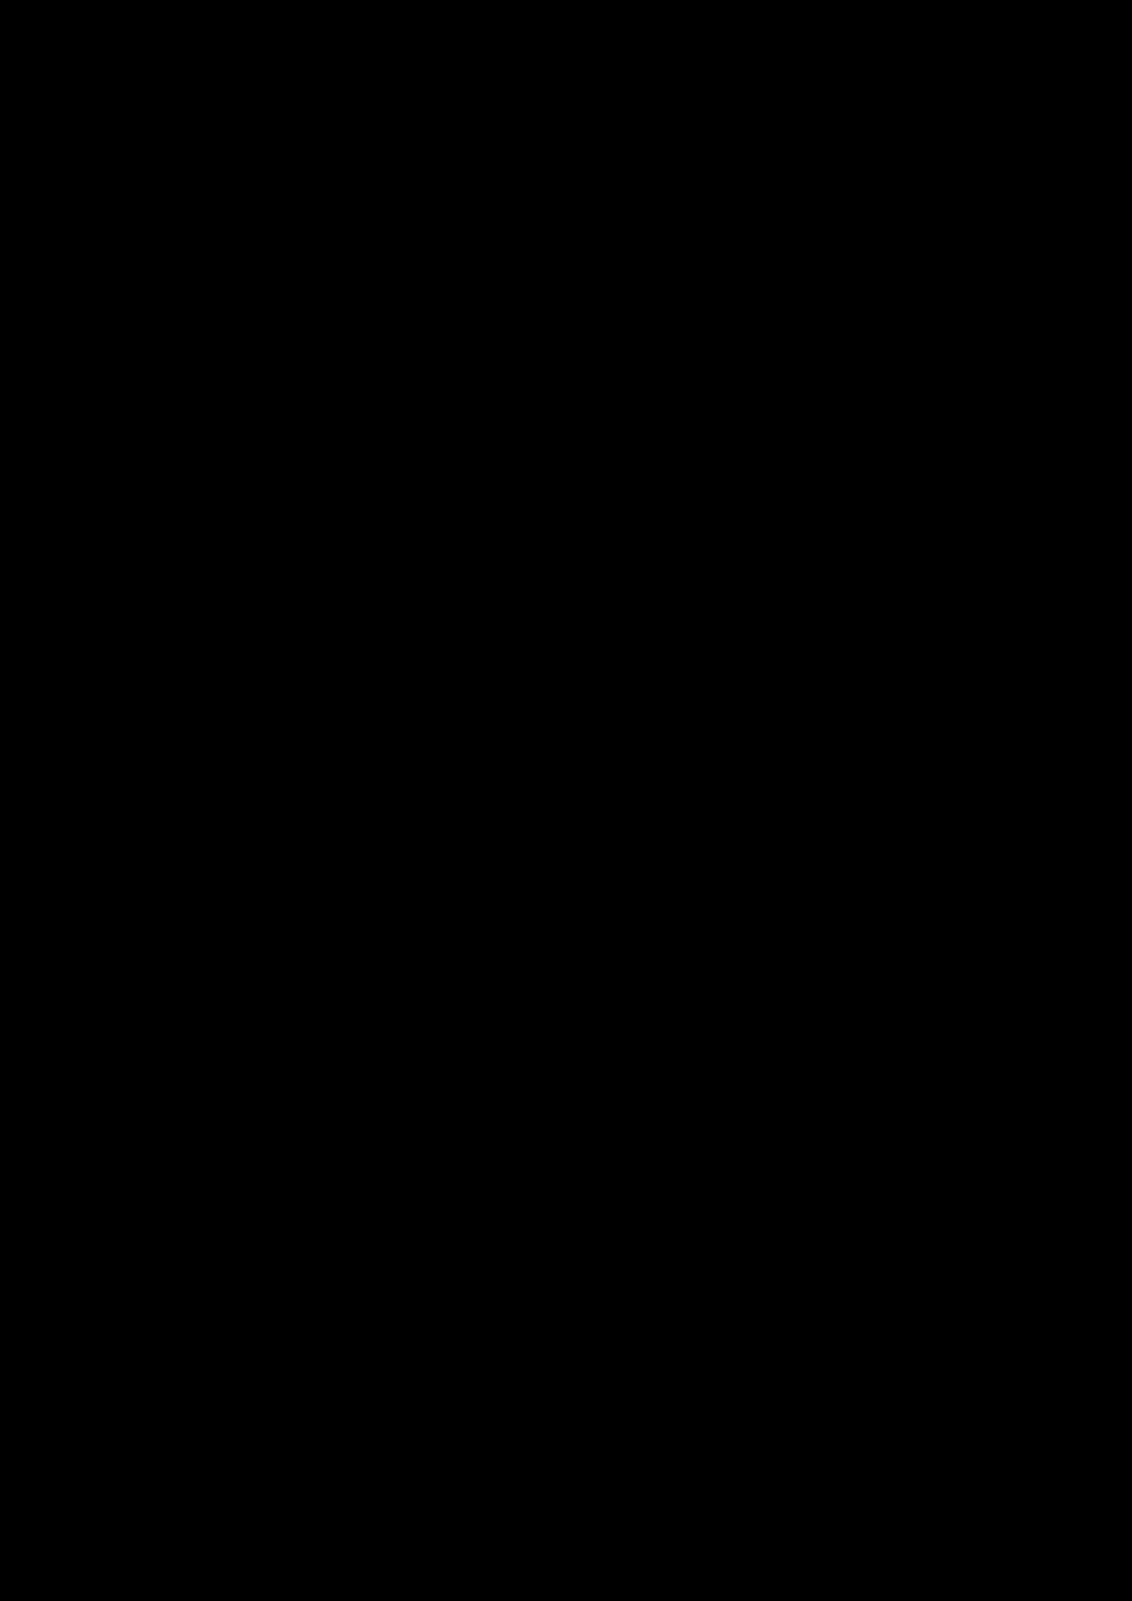 Zagadka volshebnoy stranyi slide, Image 148